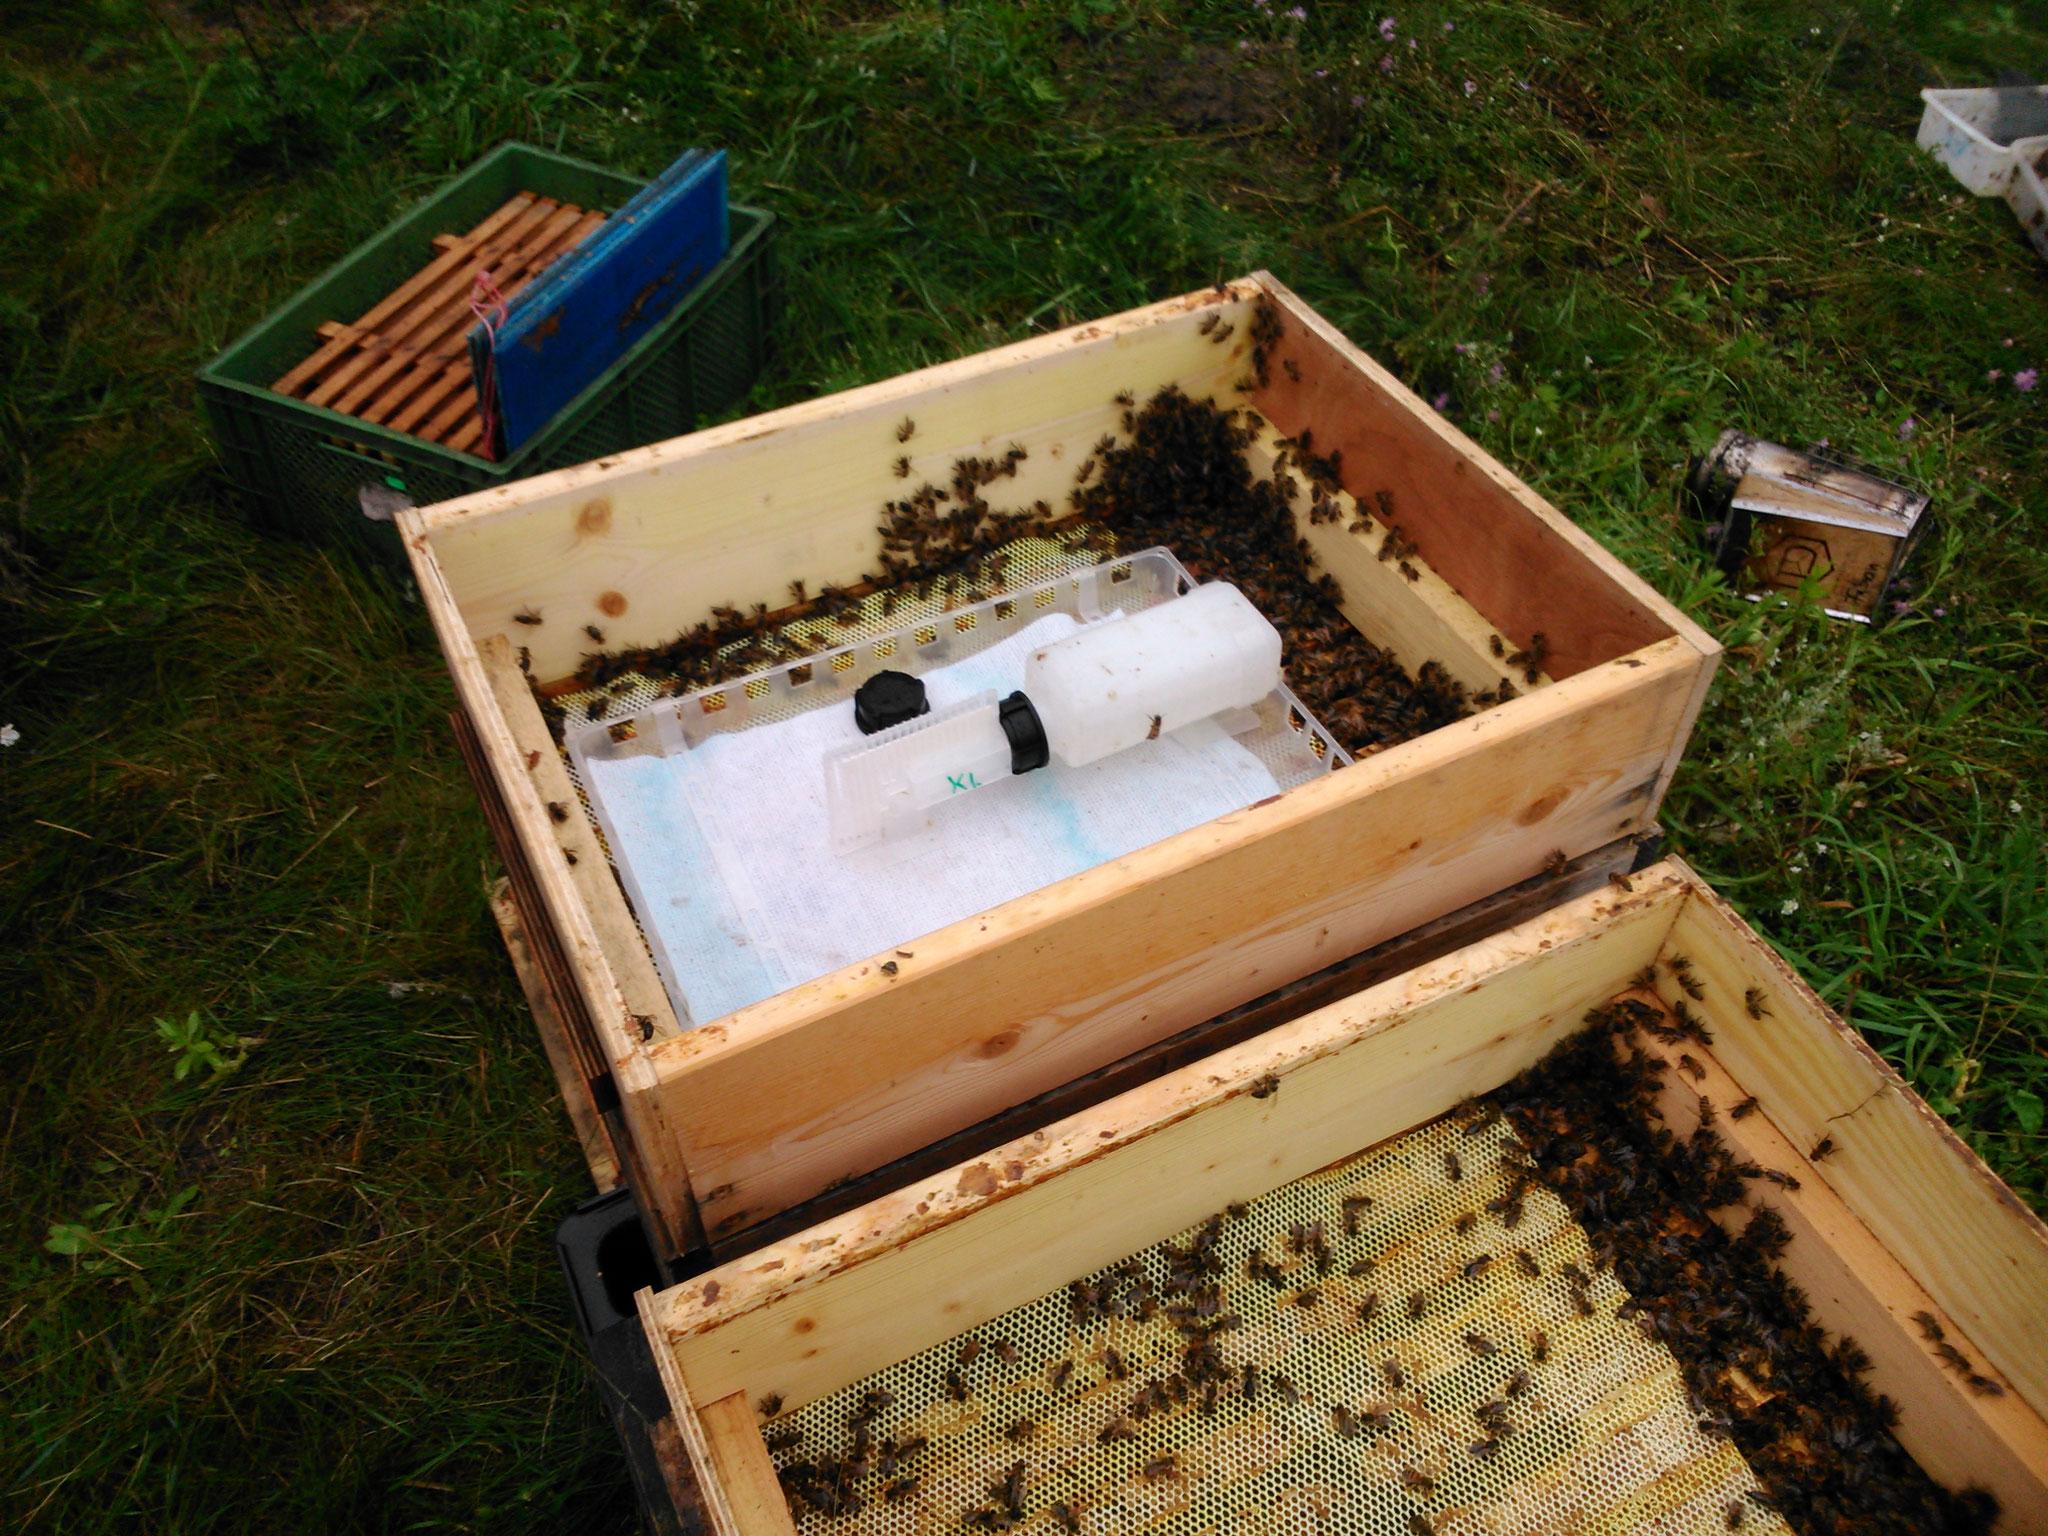 ...der Verdunster wird auf die obersten Waben des Bienenstocks gesetzt. Die darin enthaltene Ameisensäure gelangt über einen Docht auf ein Vliestuch und kann von dort aus verdunsten. Während der Behandlungzeit werden die herabfallenden Milben gezählt.